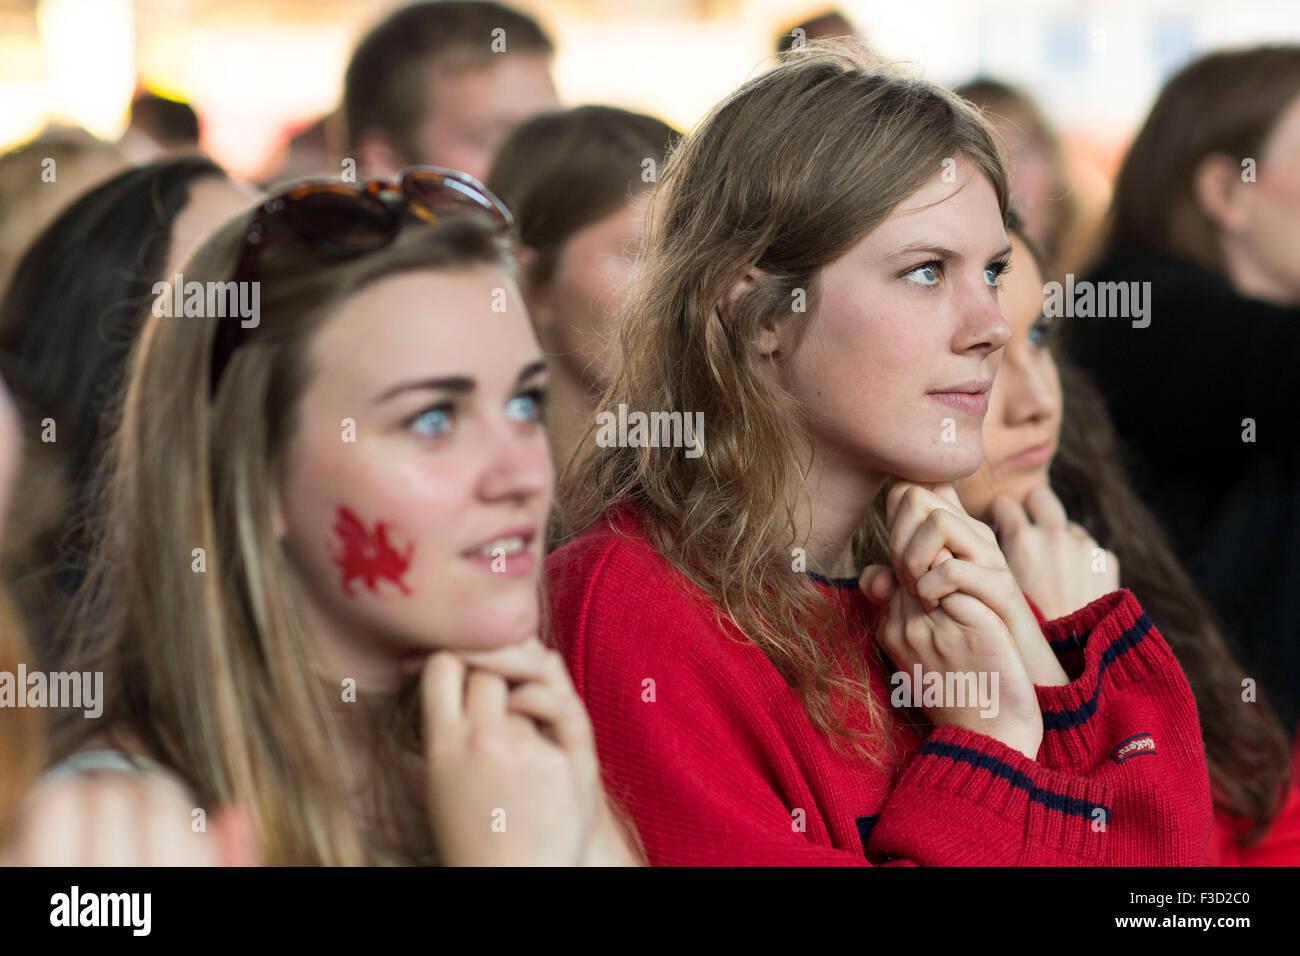 Le Pays de Galles rugby fans regarder leur équipe dans une Coupe du Monde de Rugby 2015 match contre les Fidji. Photo Stock